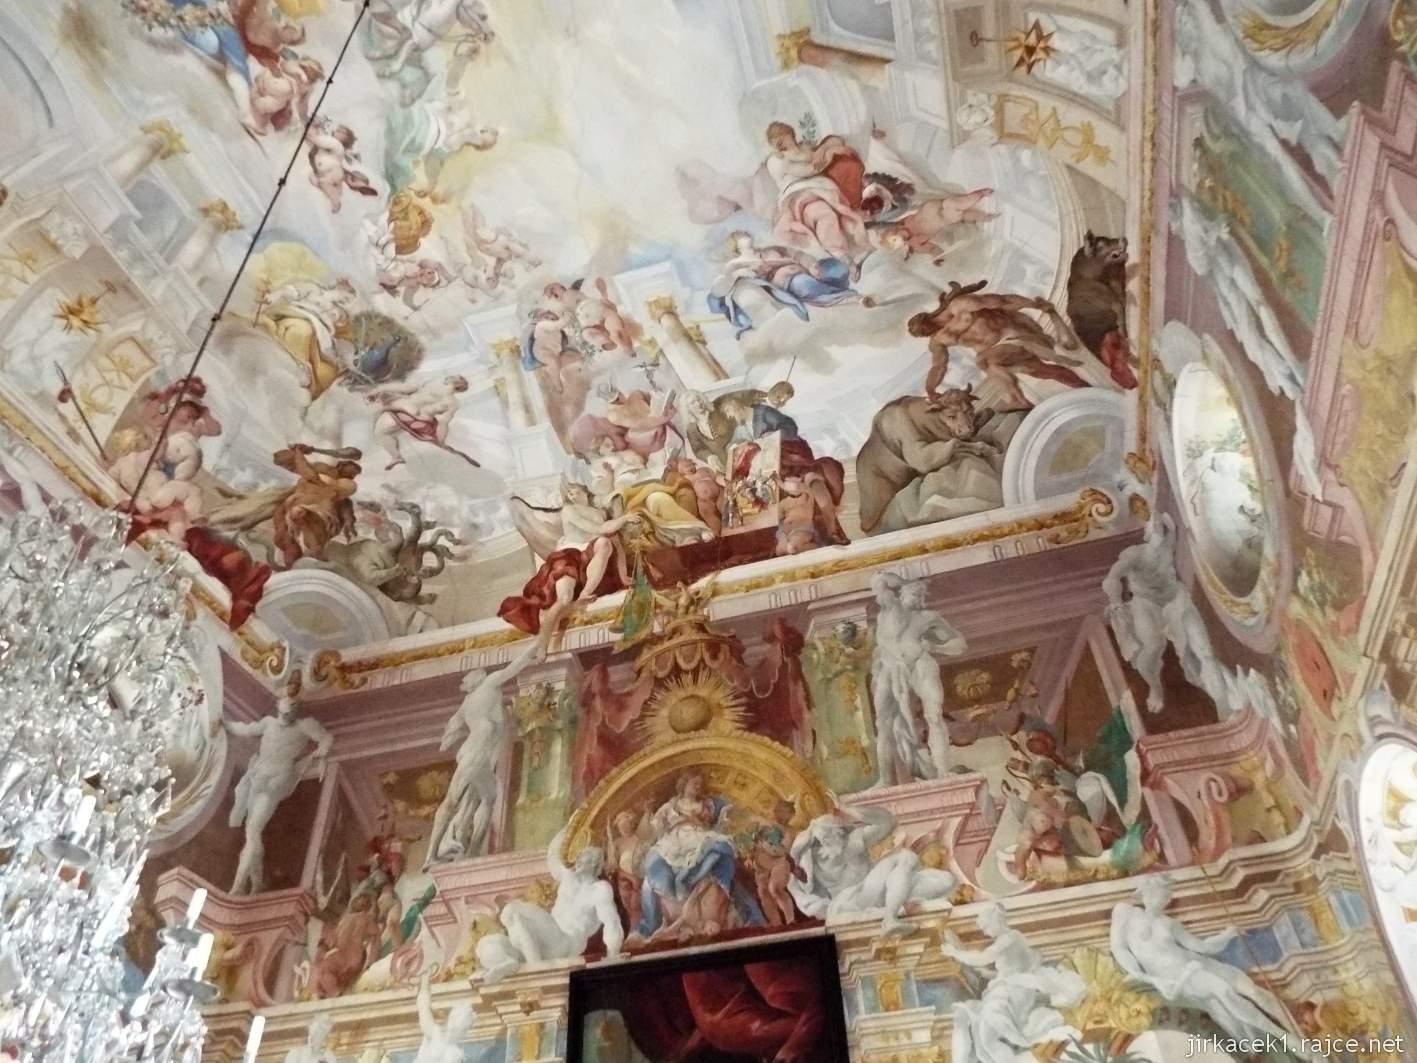 zámek Milotice 39 - interiéry - hlavní sál předků - fresky od Ecksteina z r. 1725